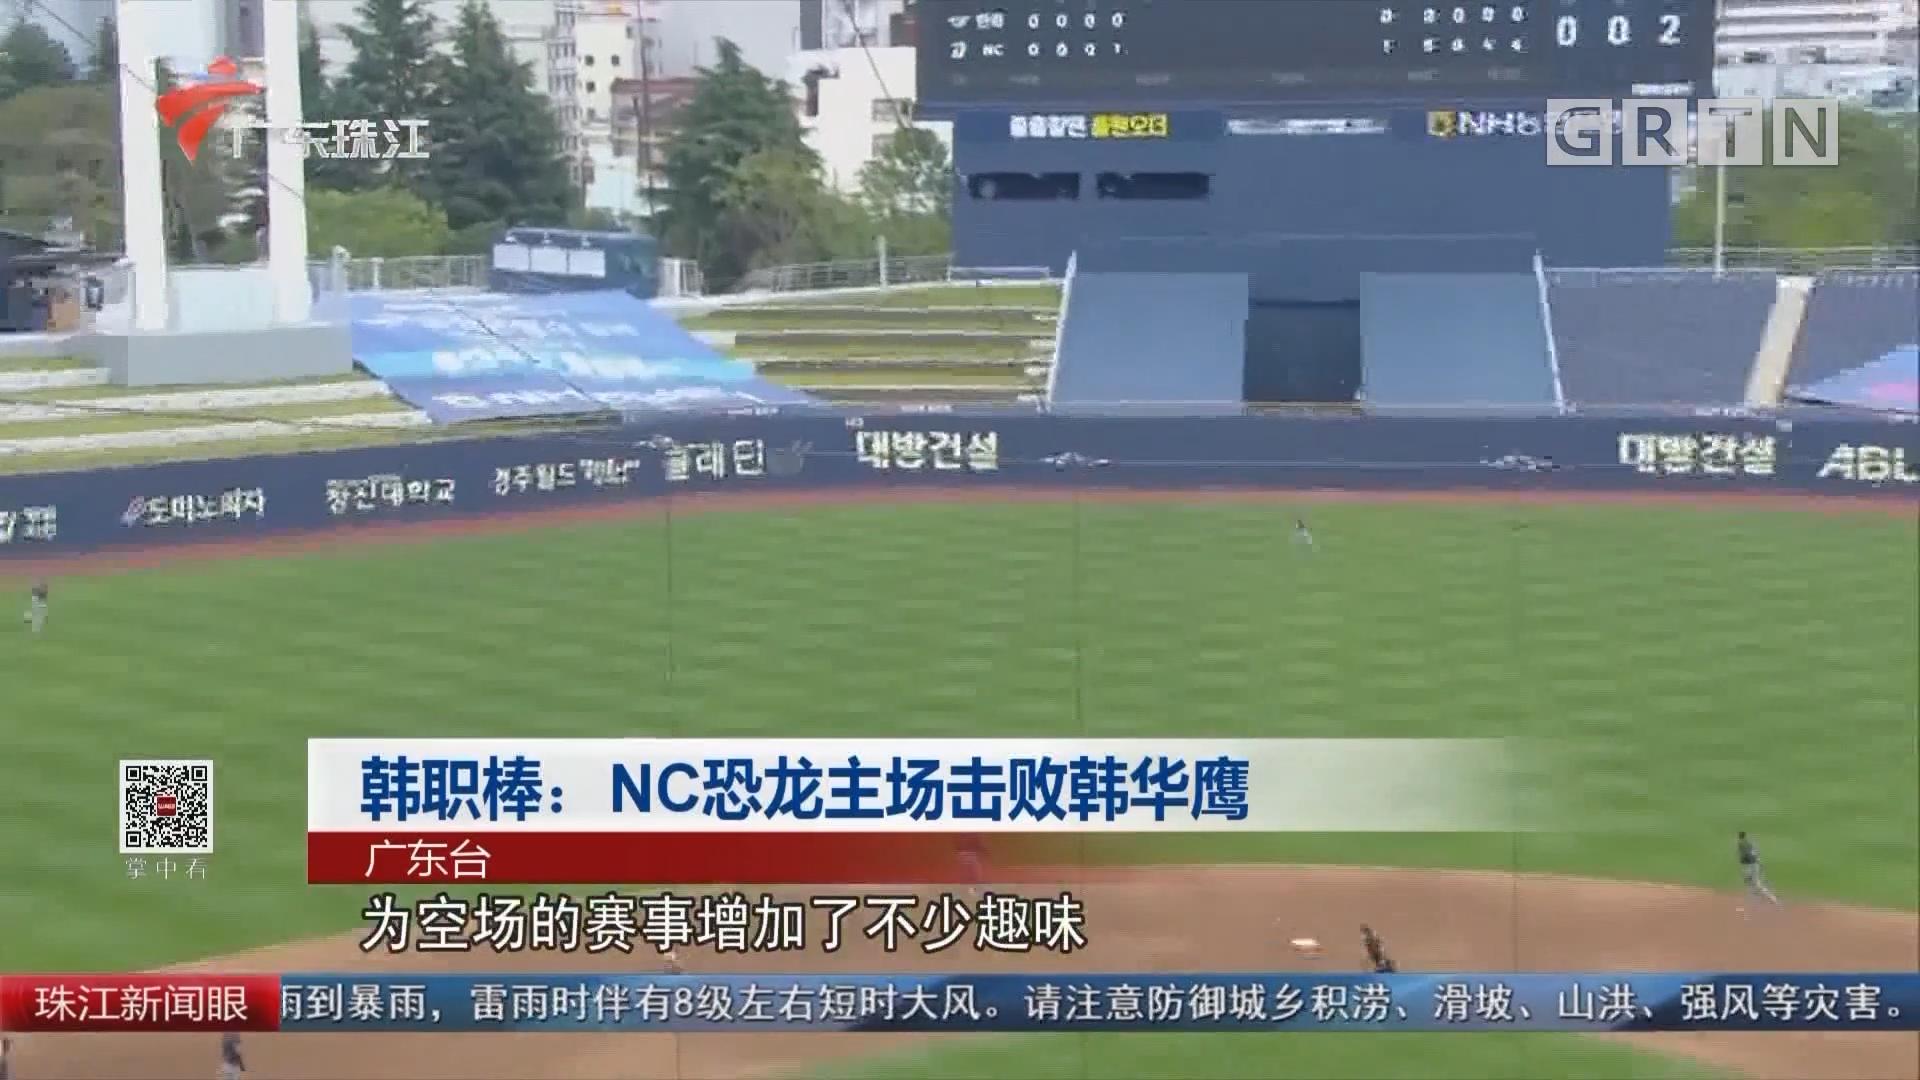 韩职棒:NC恐龙主场击败韩华鹰